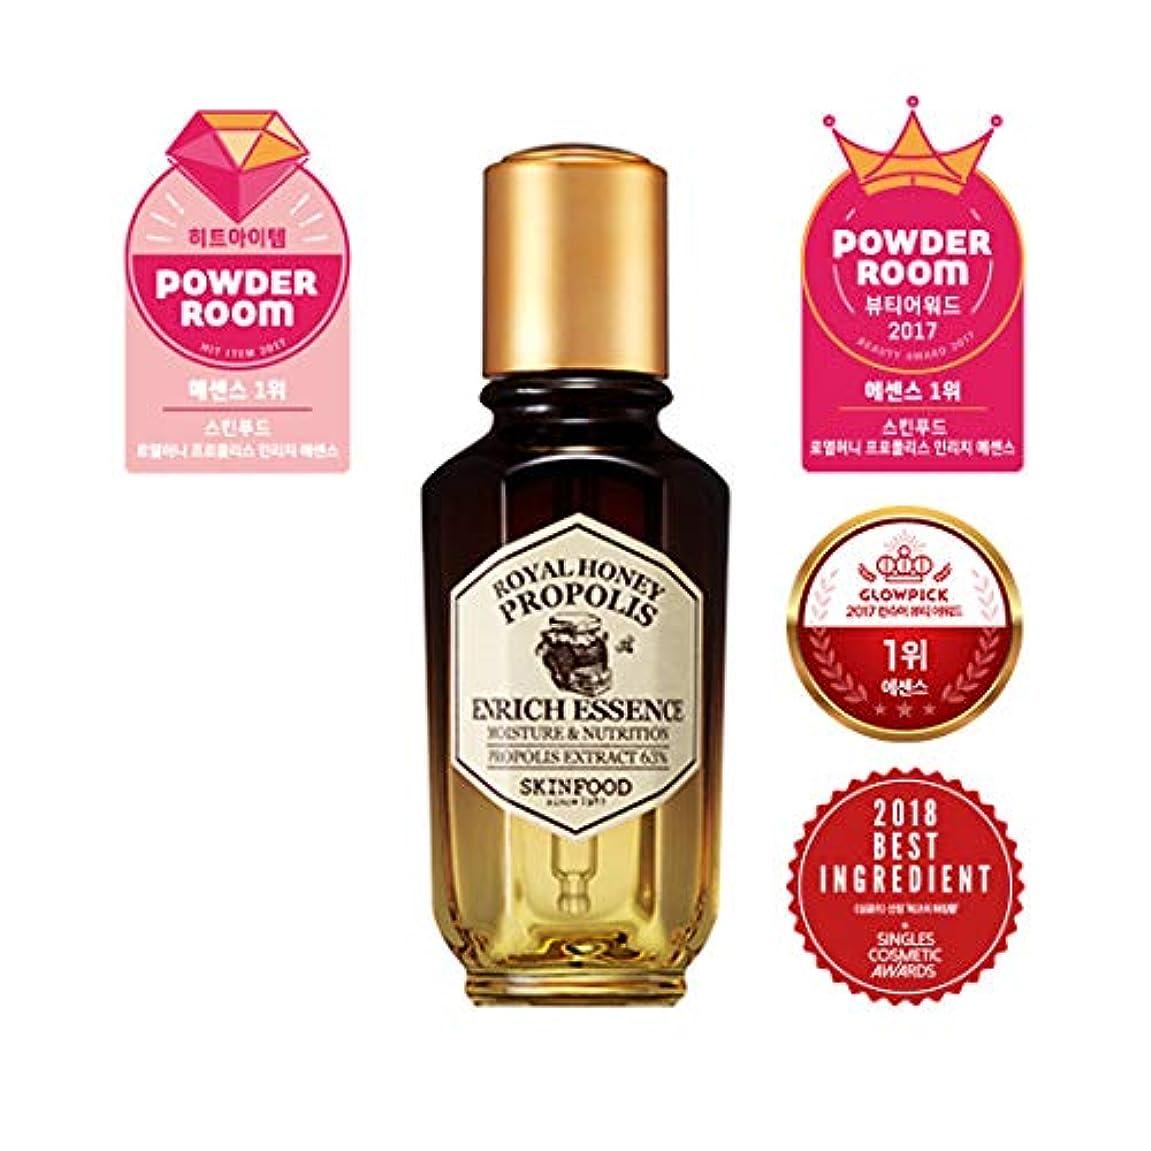 ブレース反逆買うSkinfood ロイヤルハニープロポリスエンリッチエッセンス/Royal Honey Propolis Enrich Essence 50ml [並行輸入品]